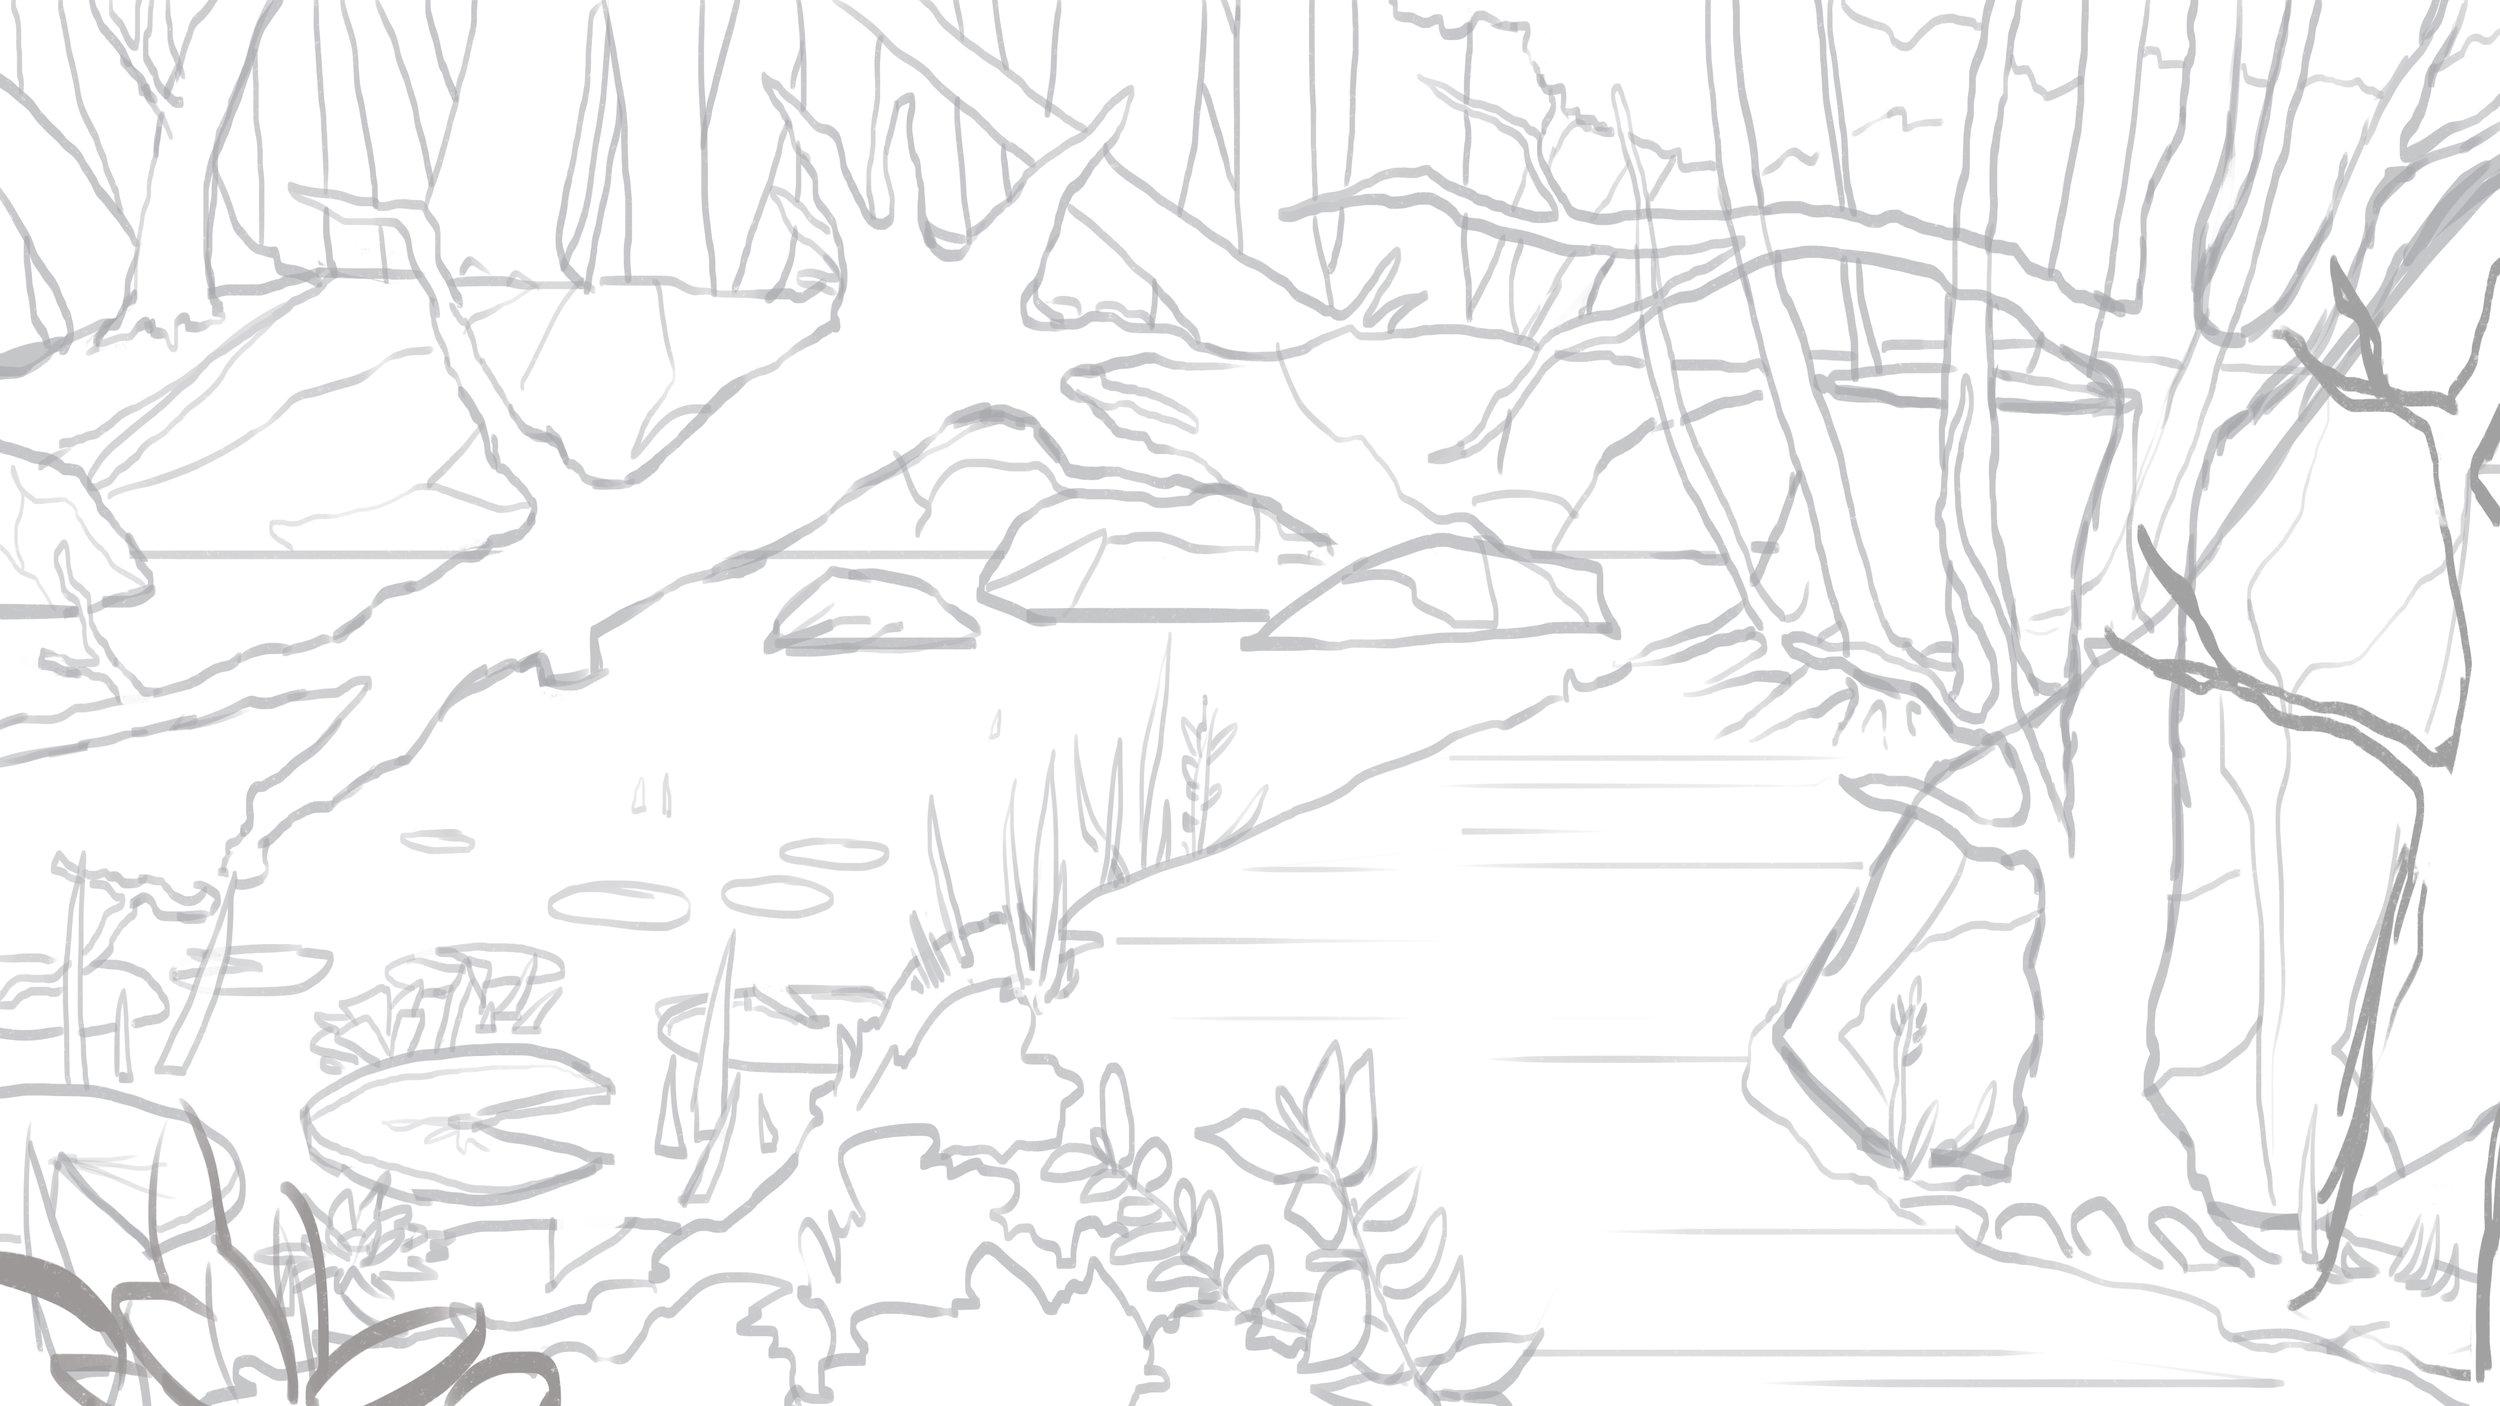 Lake bg sketch.jpg